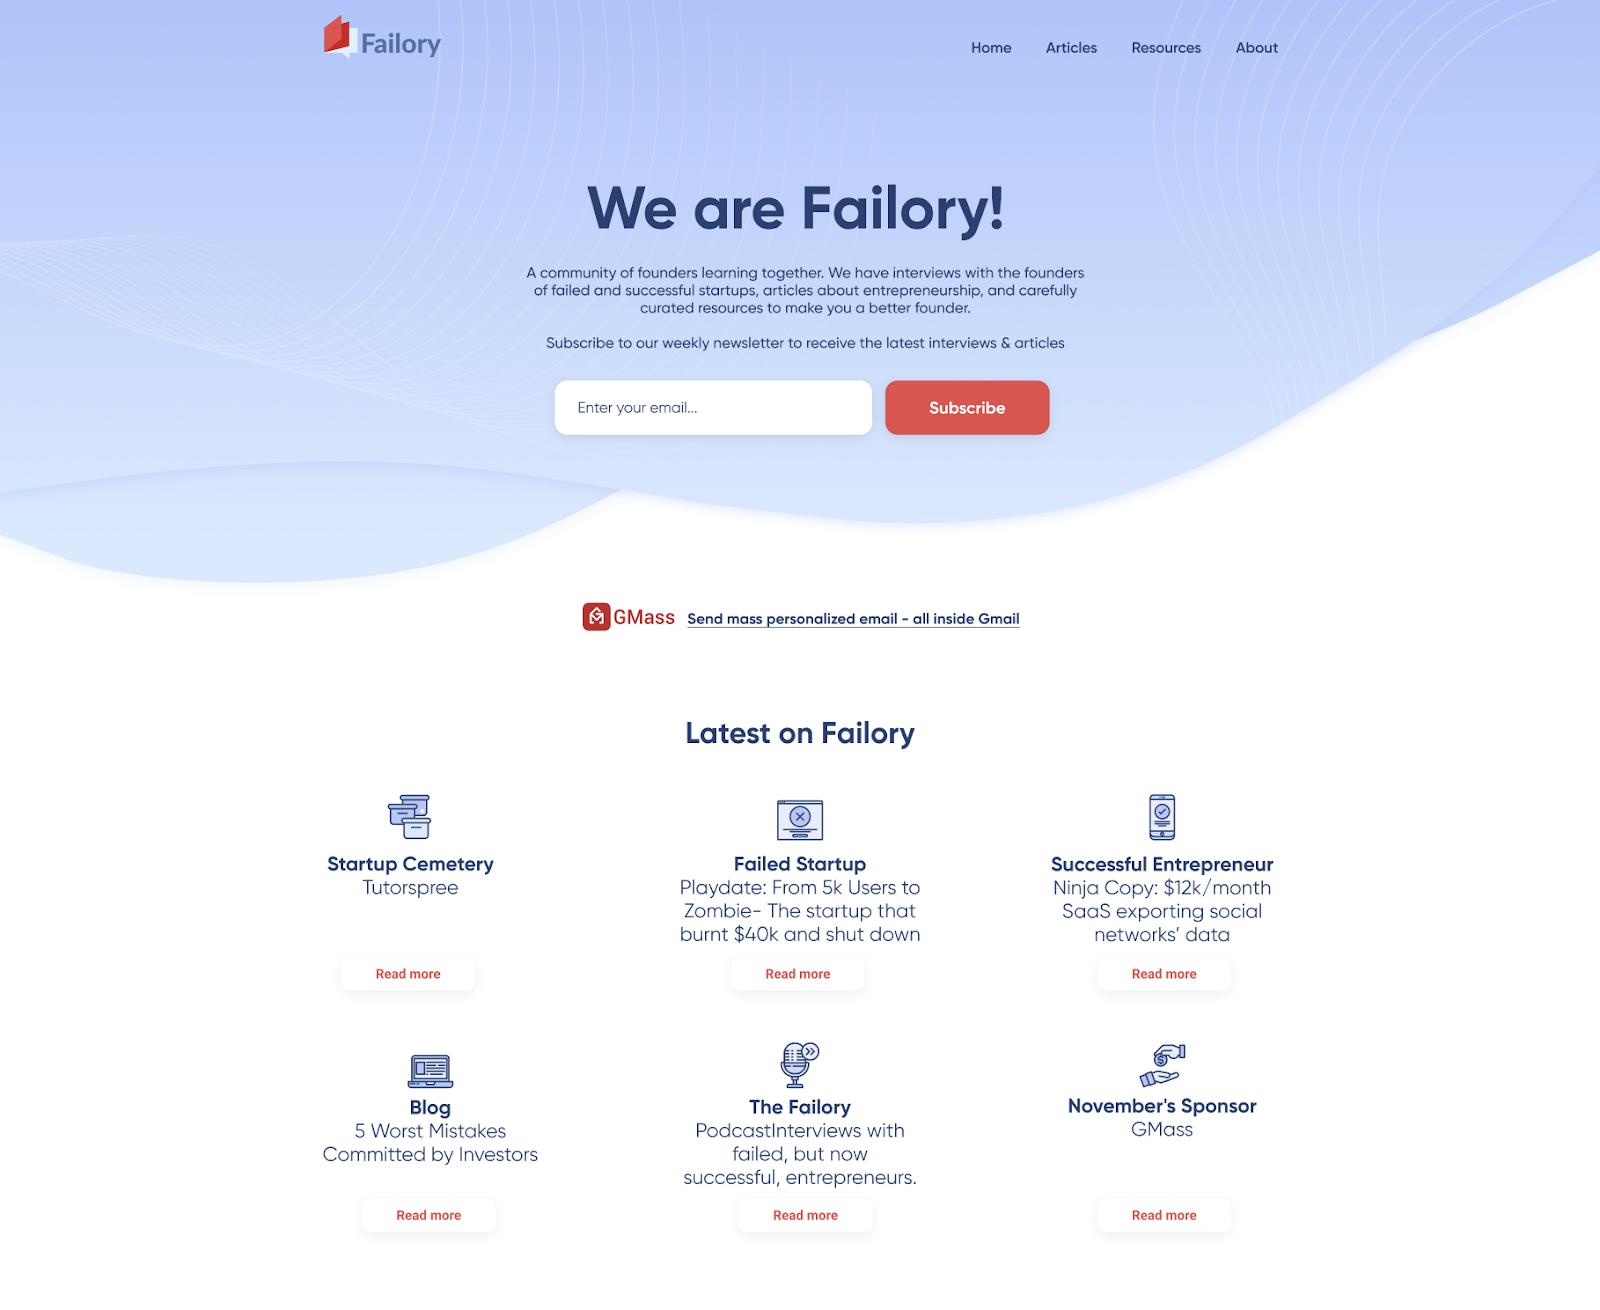 Failory's ugly website